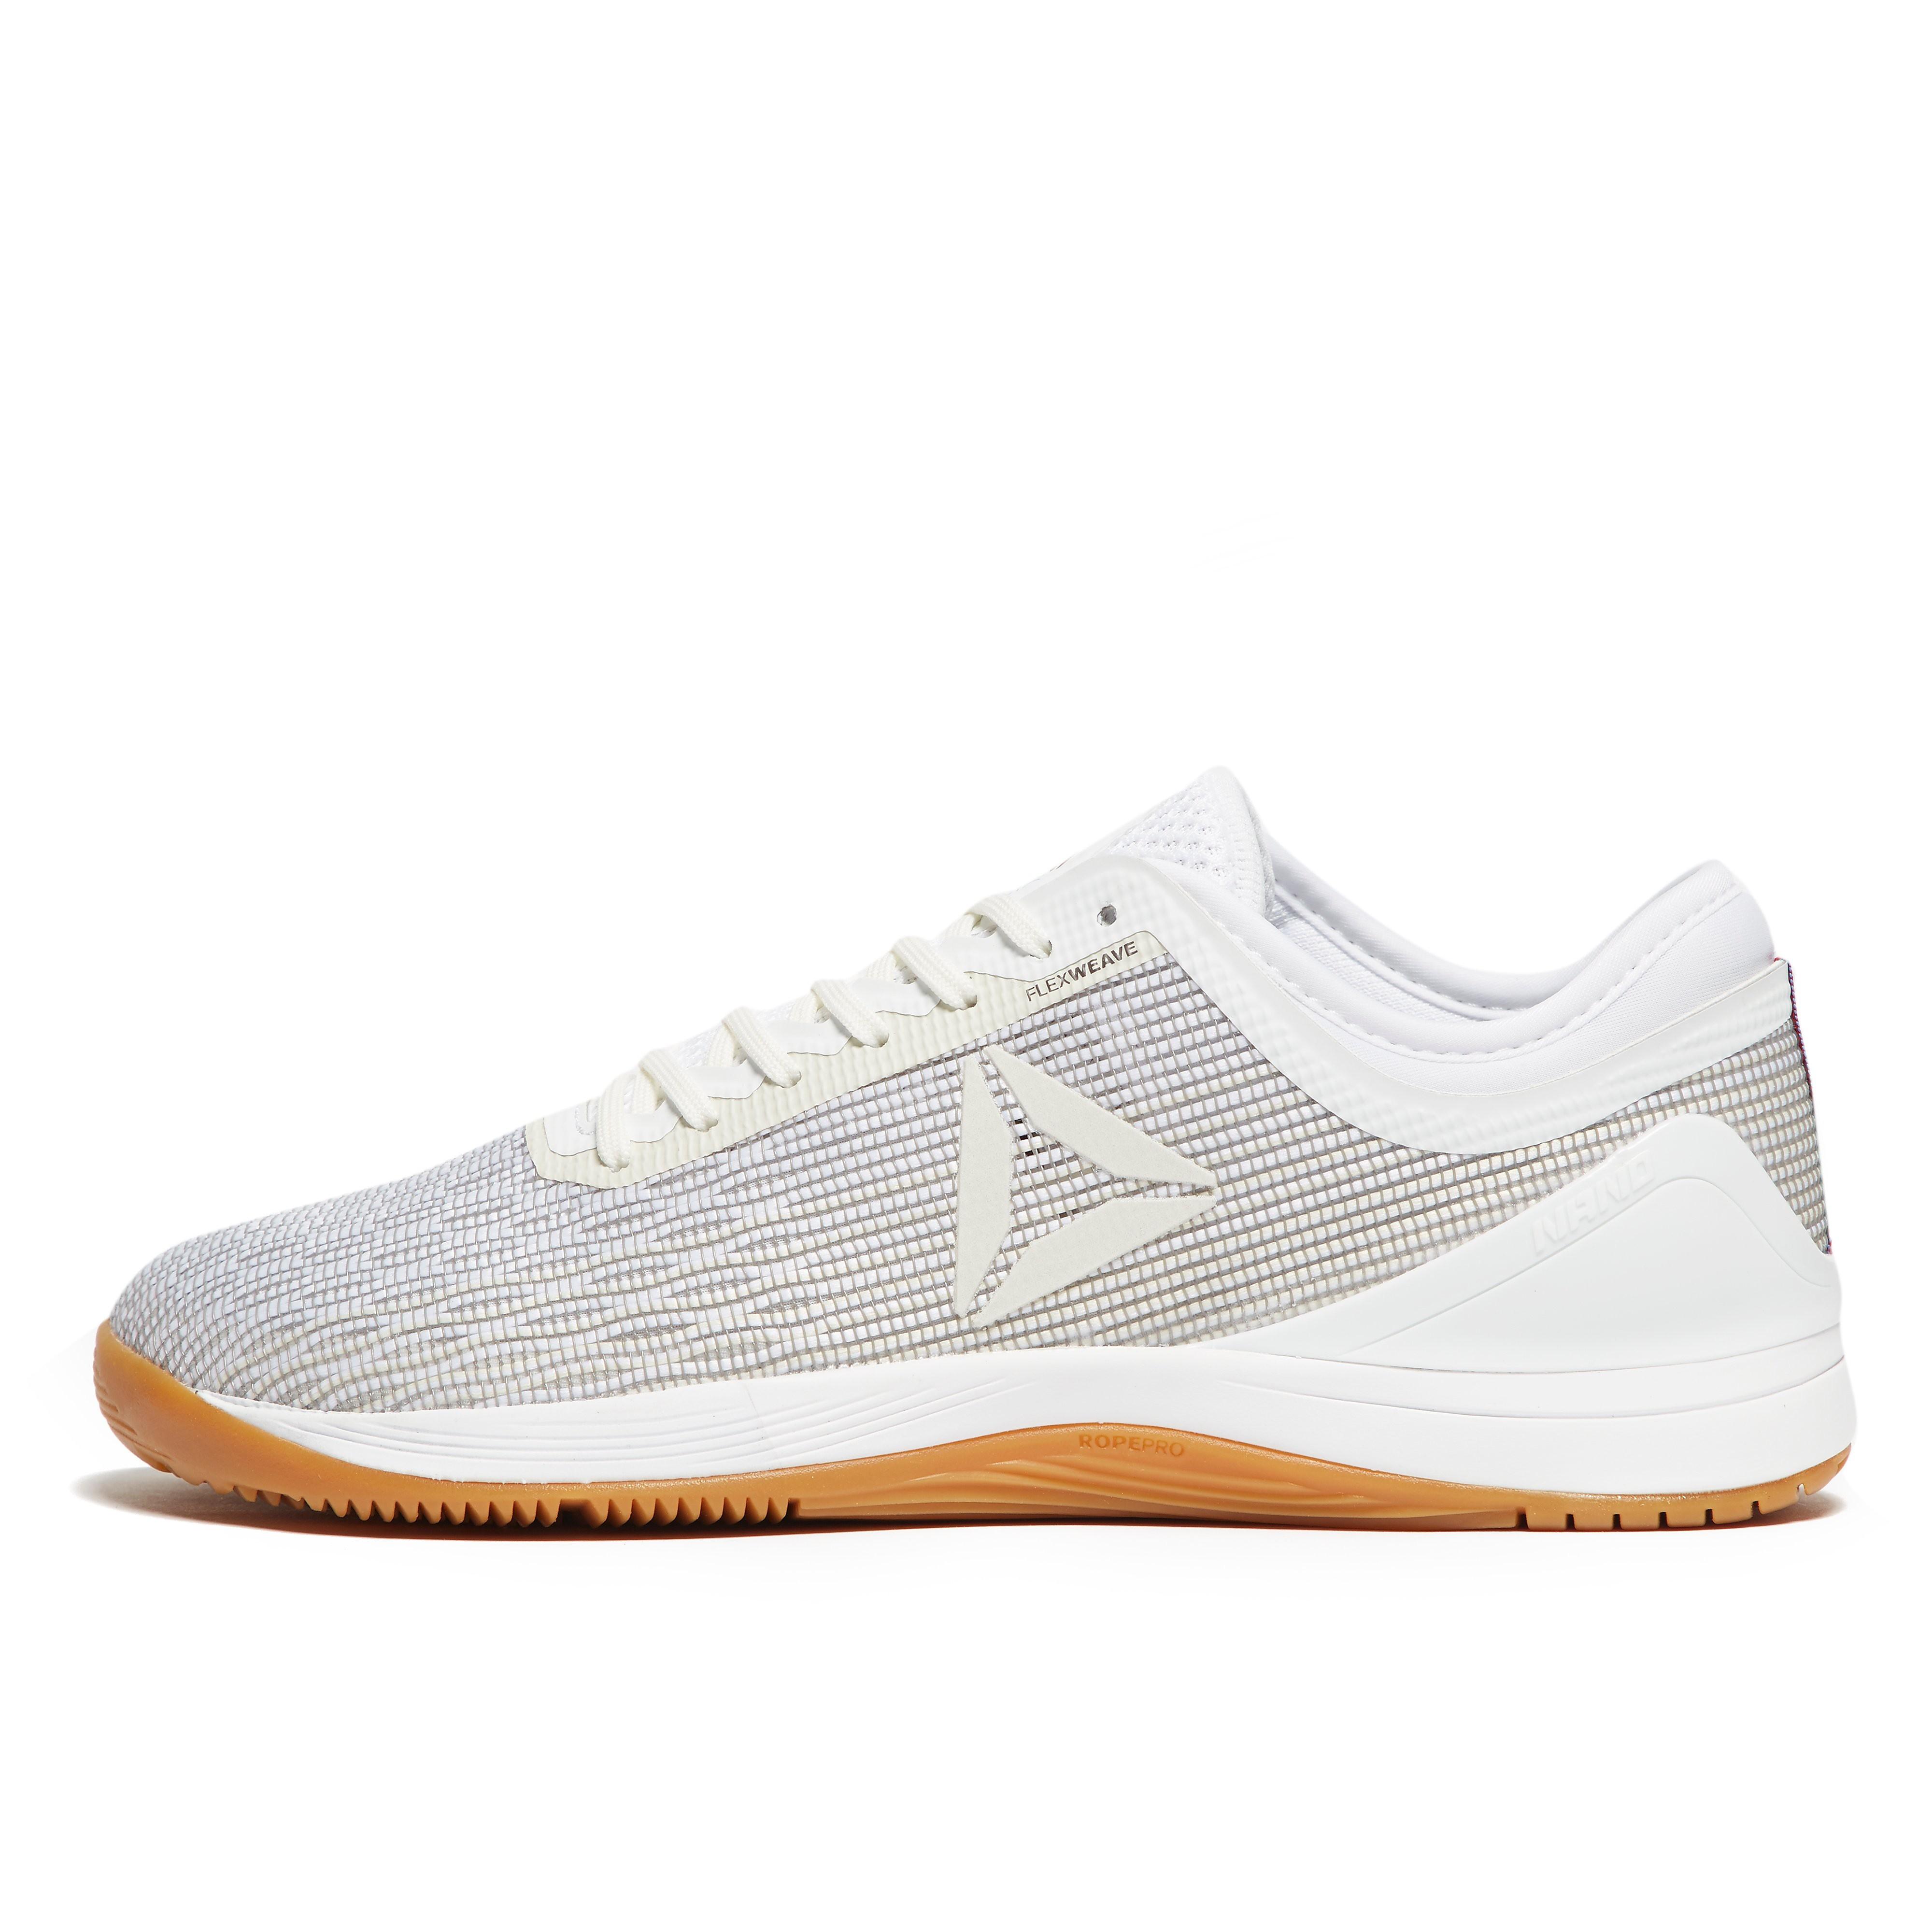 Mens White Reebok Crossfit Nano 8.0 Training Shoes